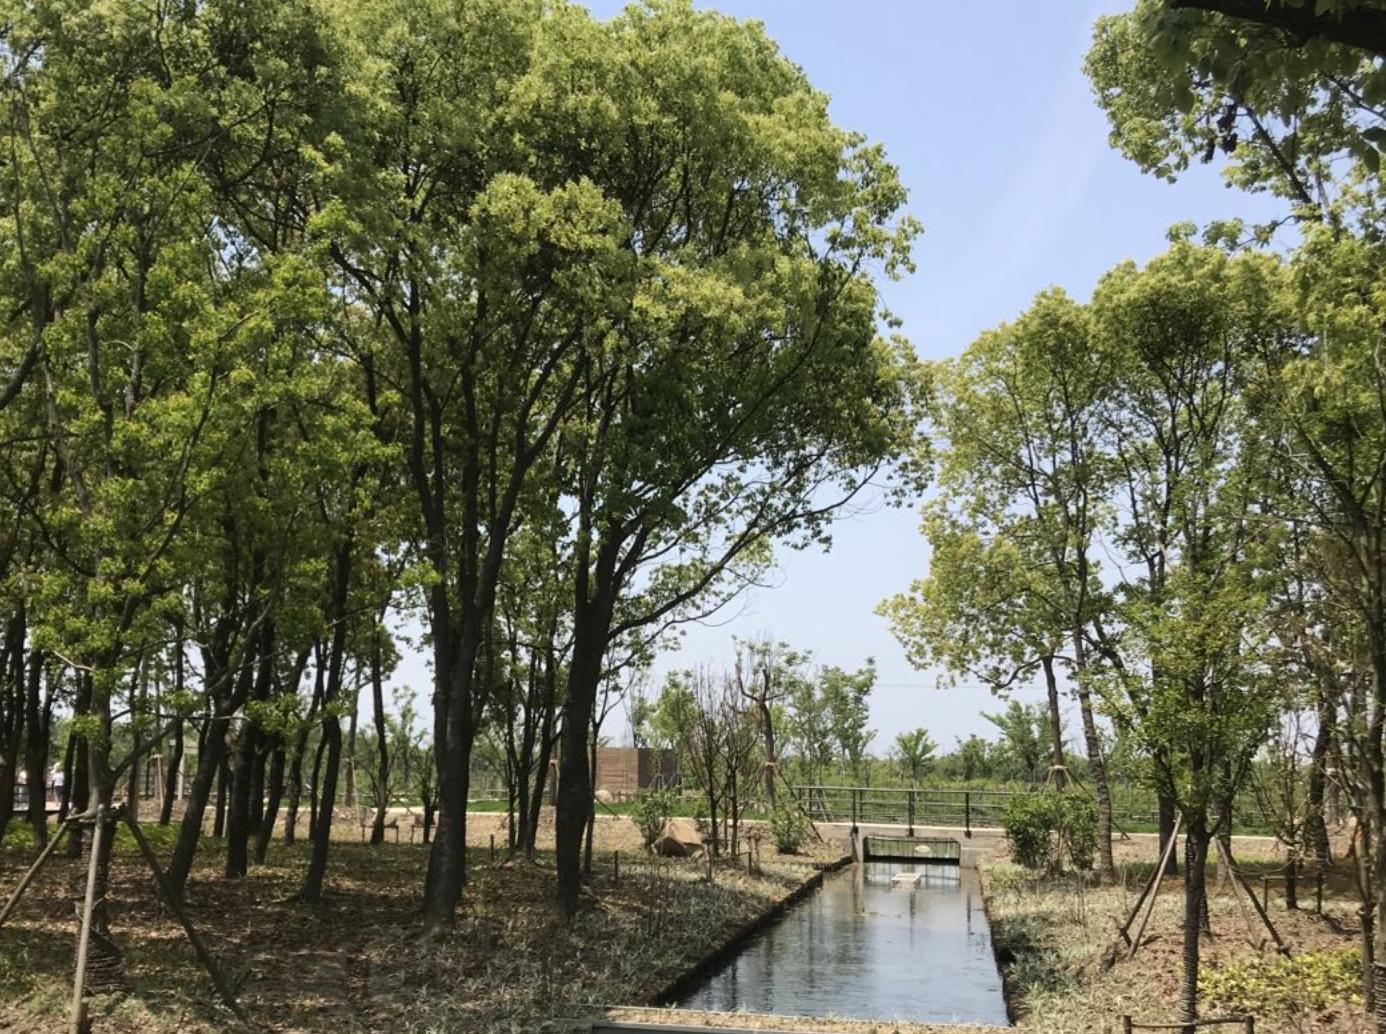 项目希望实现农田可持续生产,水养循环,生境维持繁荣,空间复合与共享。陈雪初 图